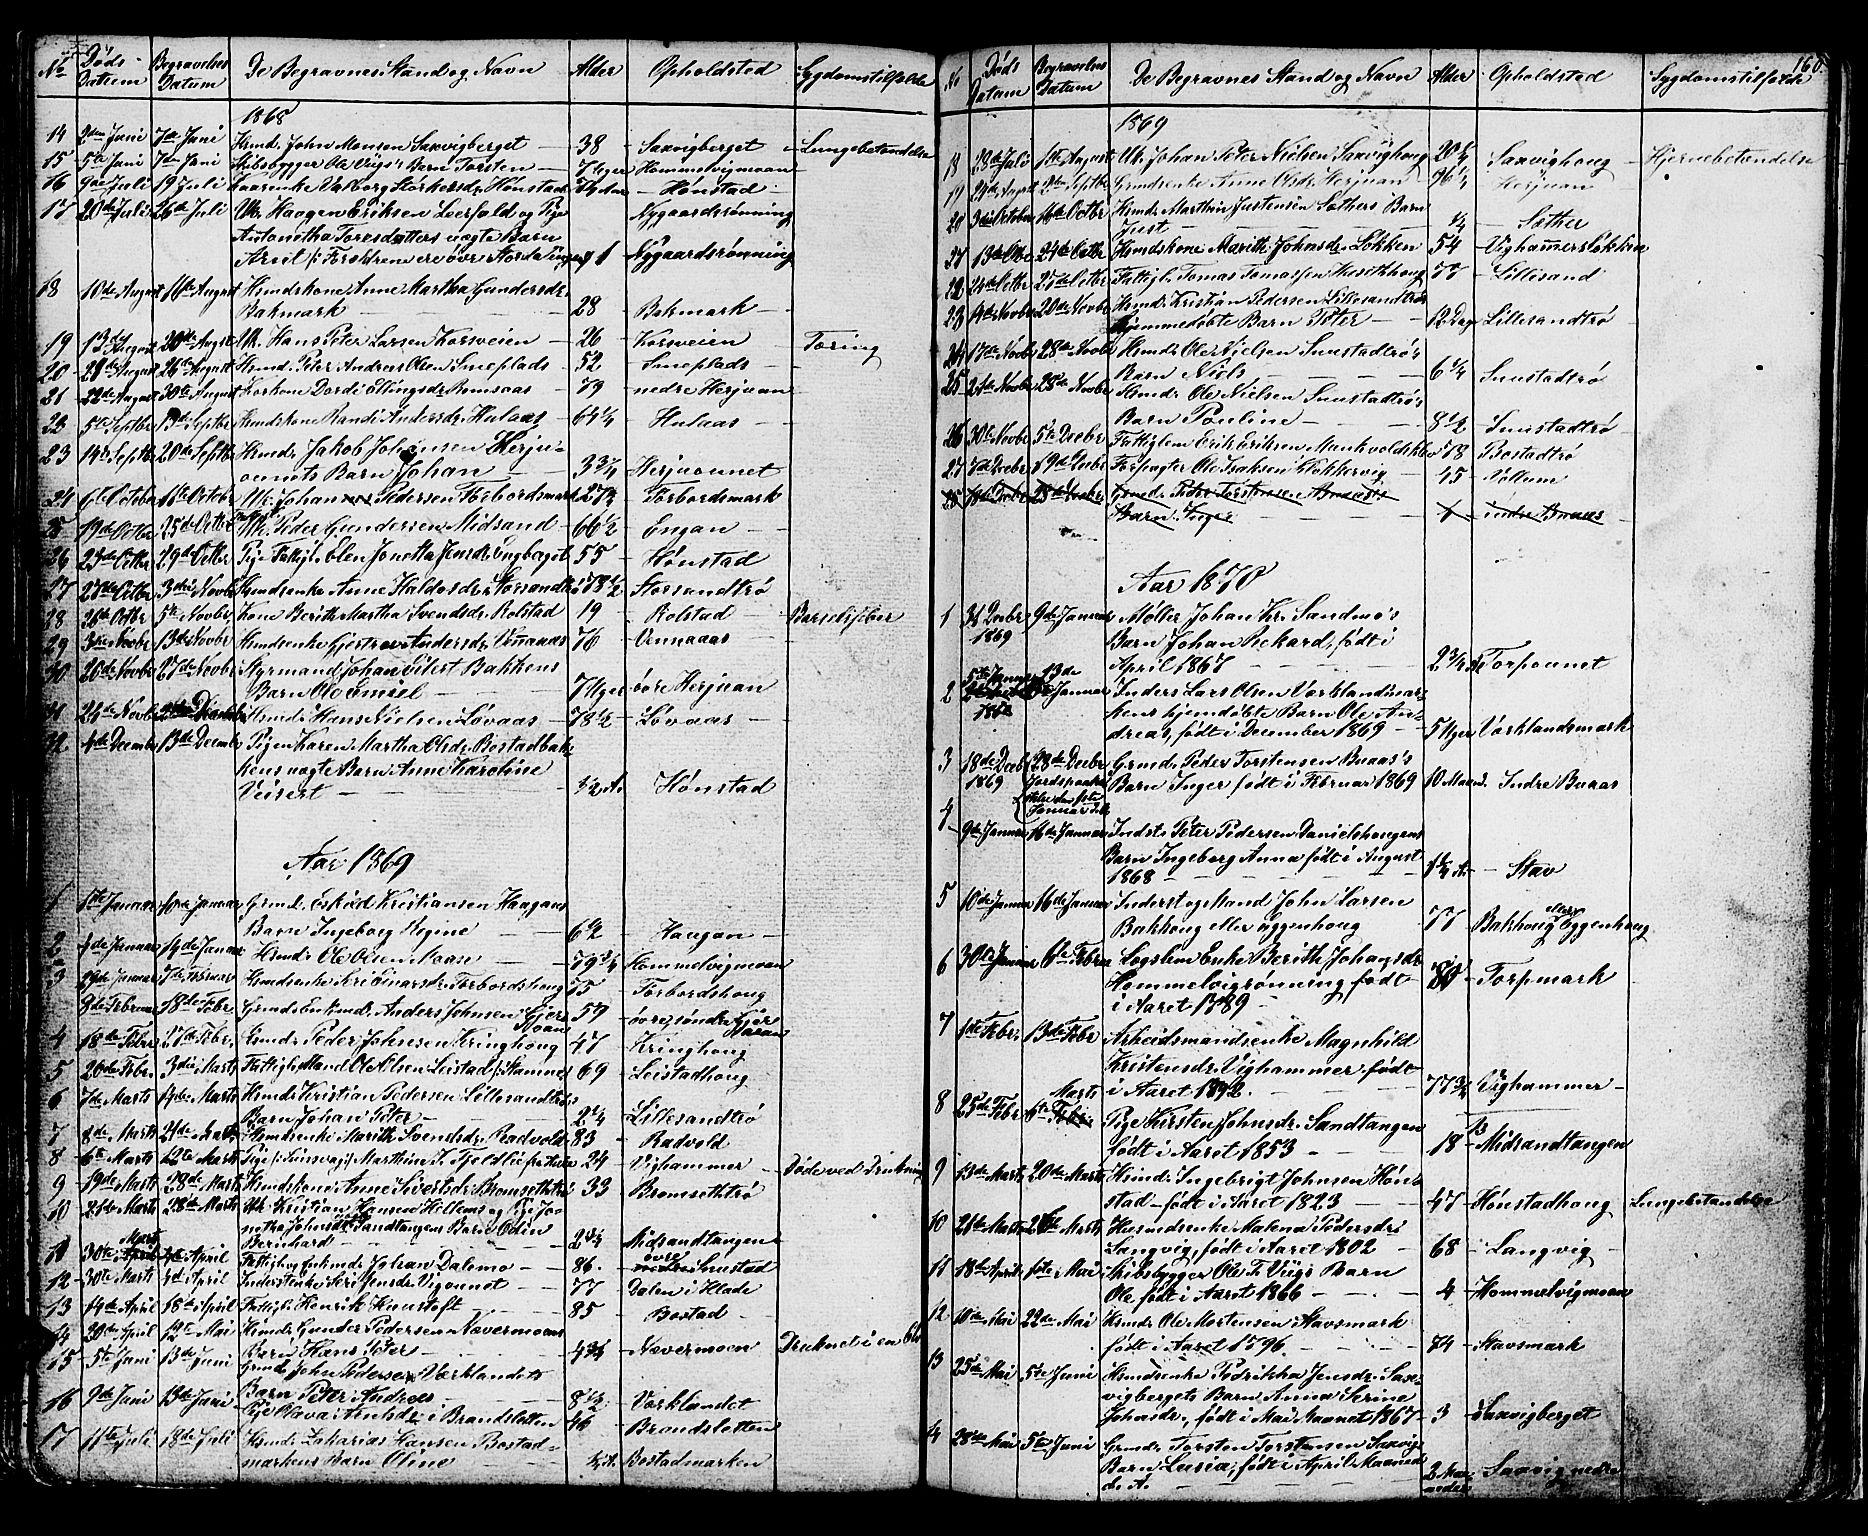 SAT, Ministerialprotokoller, klokkerbøker og fødselsregistre - Sør-Trøndelag, 616/L0422: Klokkerbok nr. 616C05, 1850-1888, s. 160